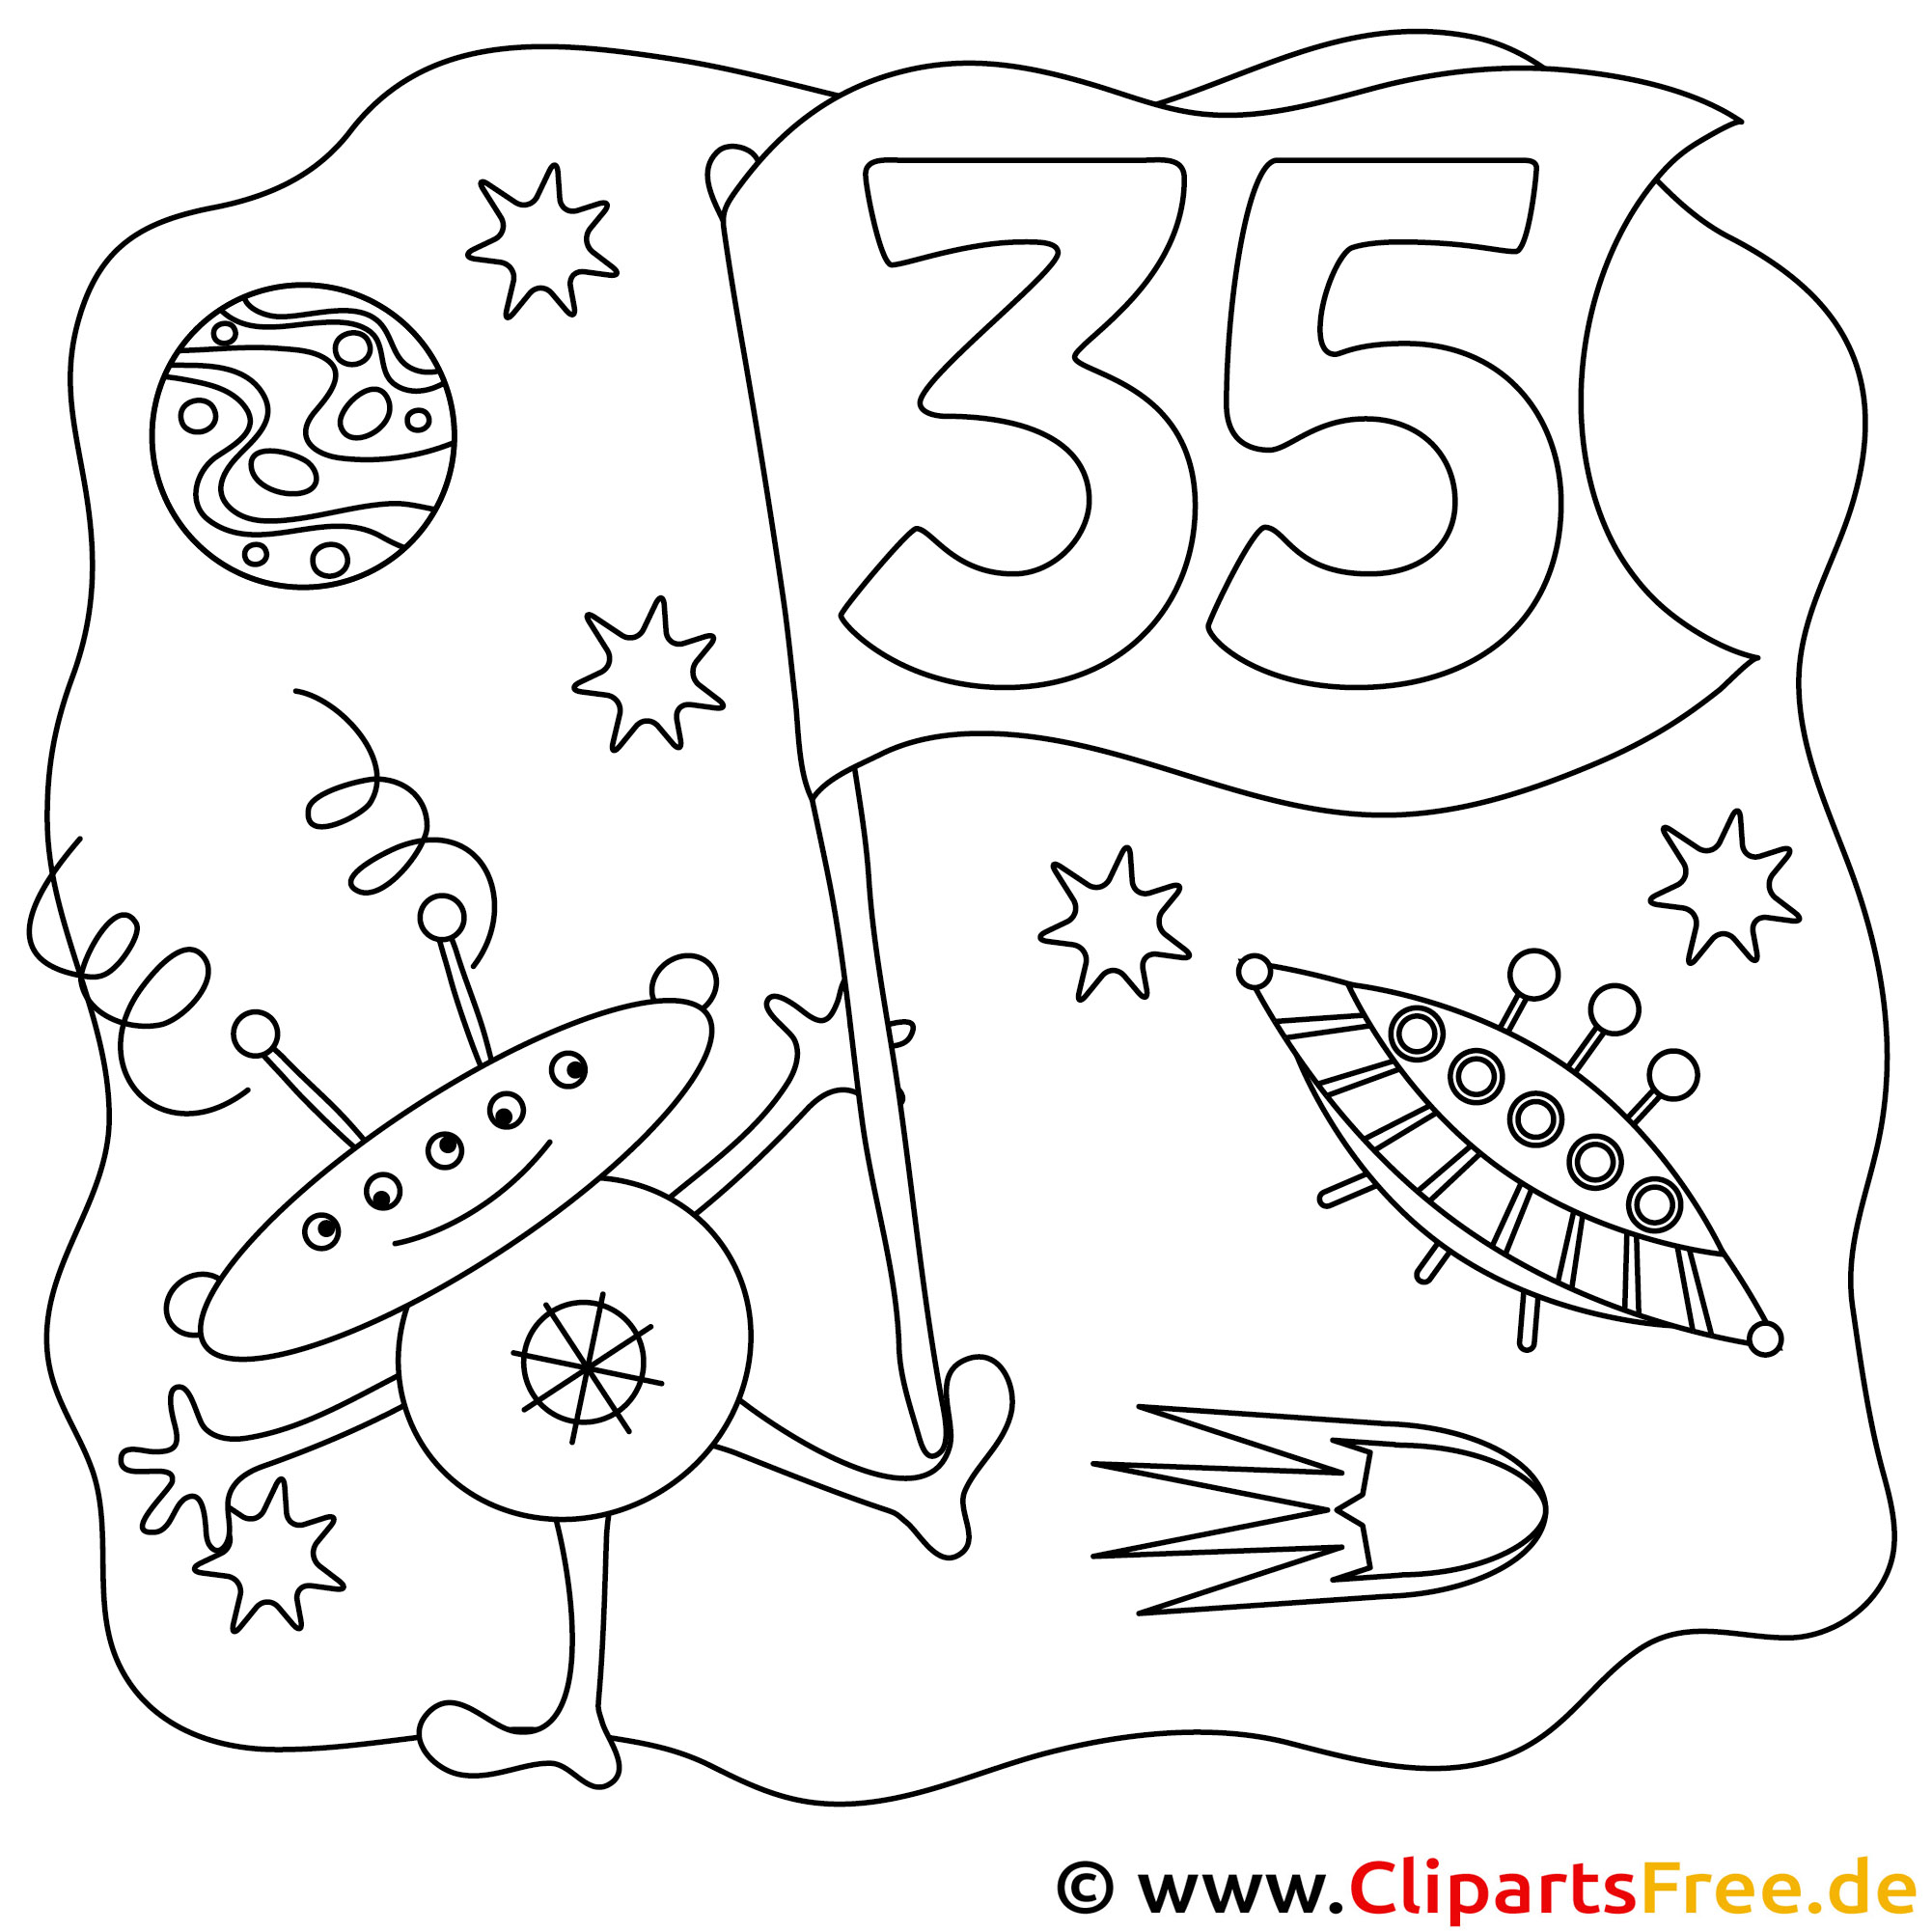 Alien Ausmalbild zum Geburtstag